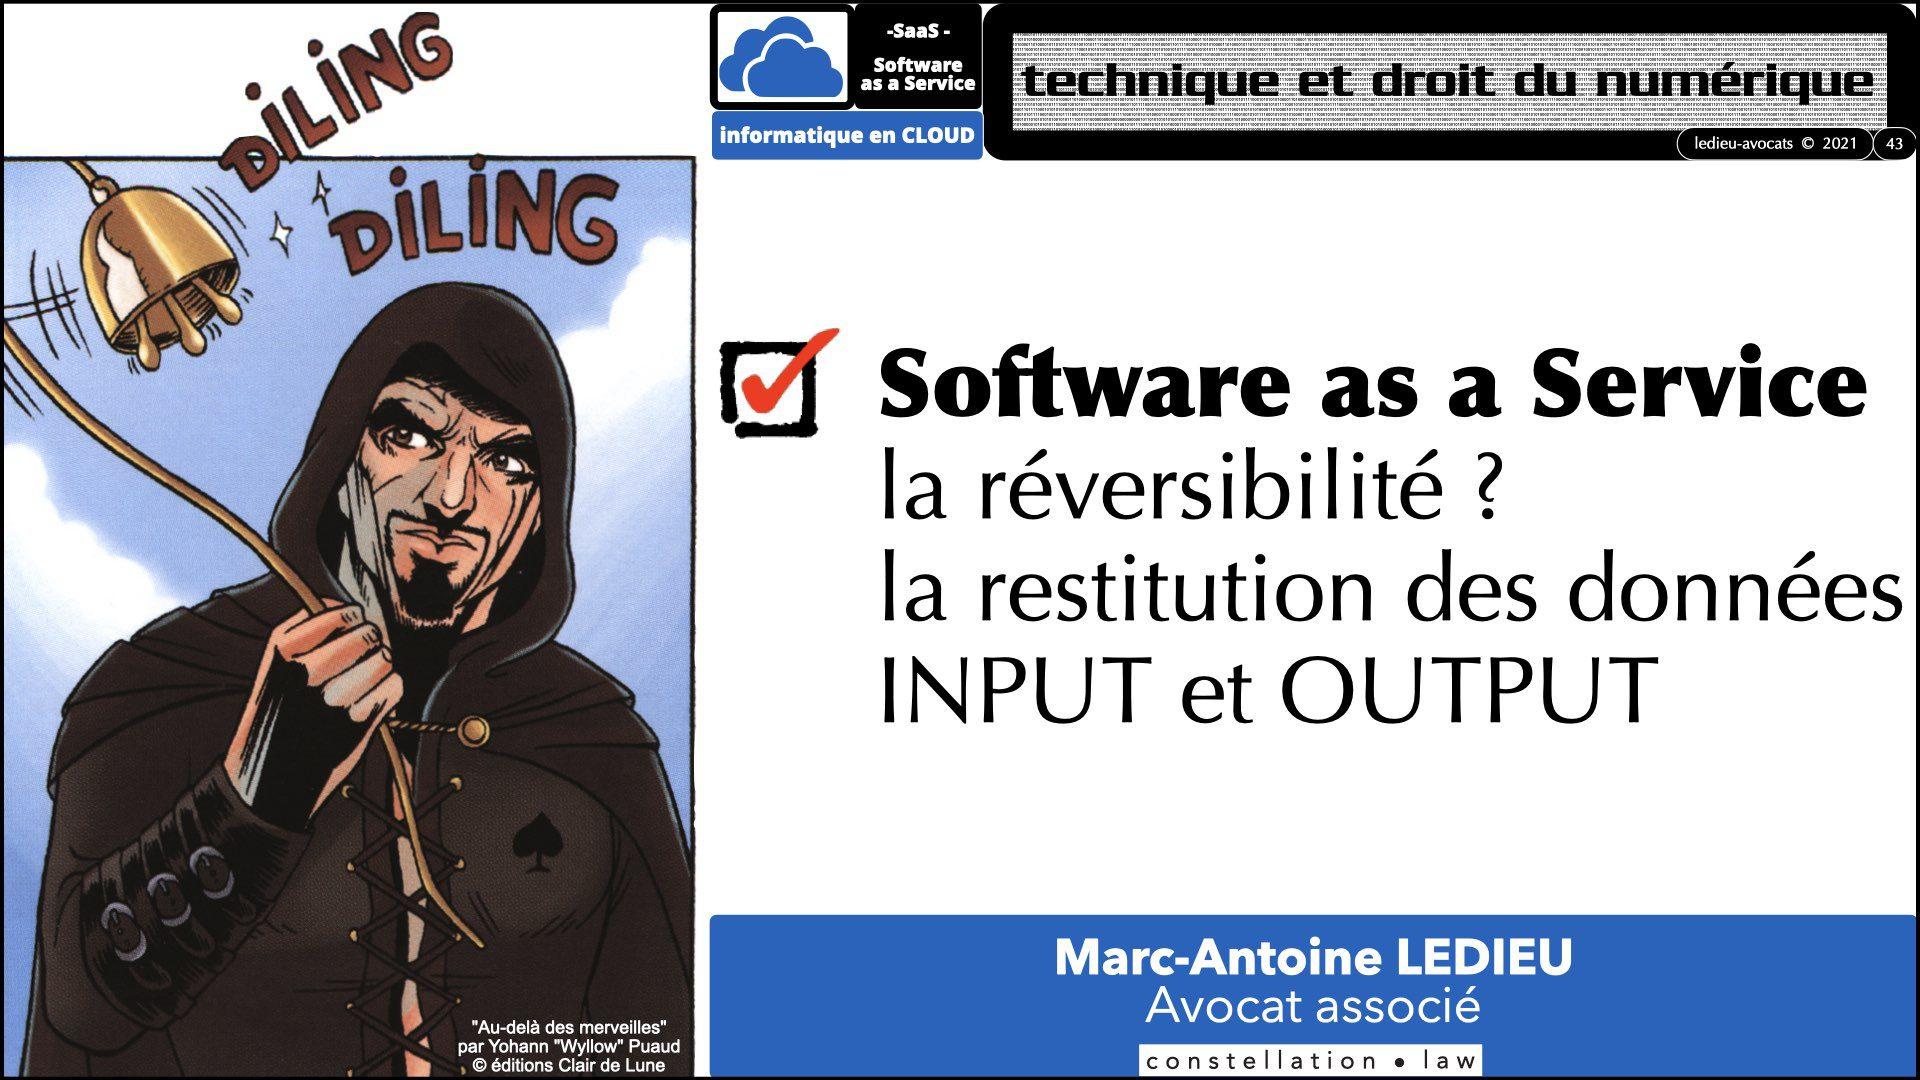 343 service LOGICIEL SaaS Software-as-a-Service cloud computing © Ledieu-Avocats technique droit numerique 30-08-2021.043